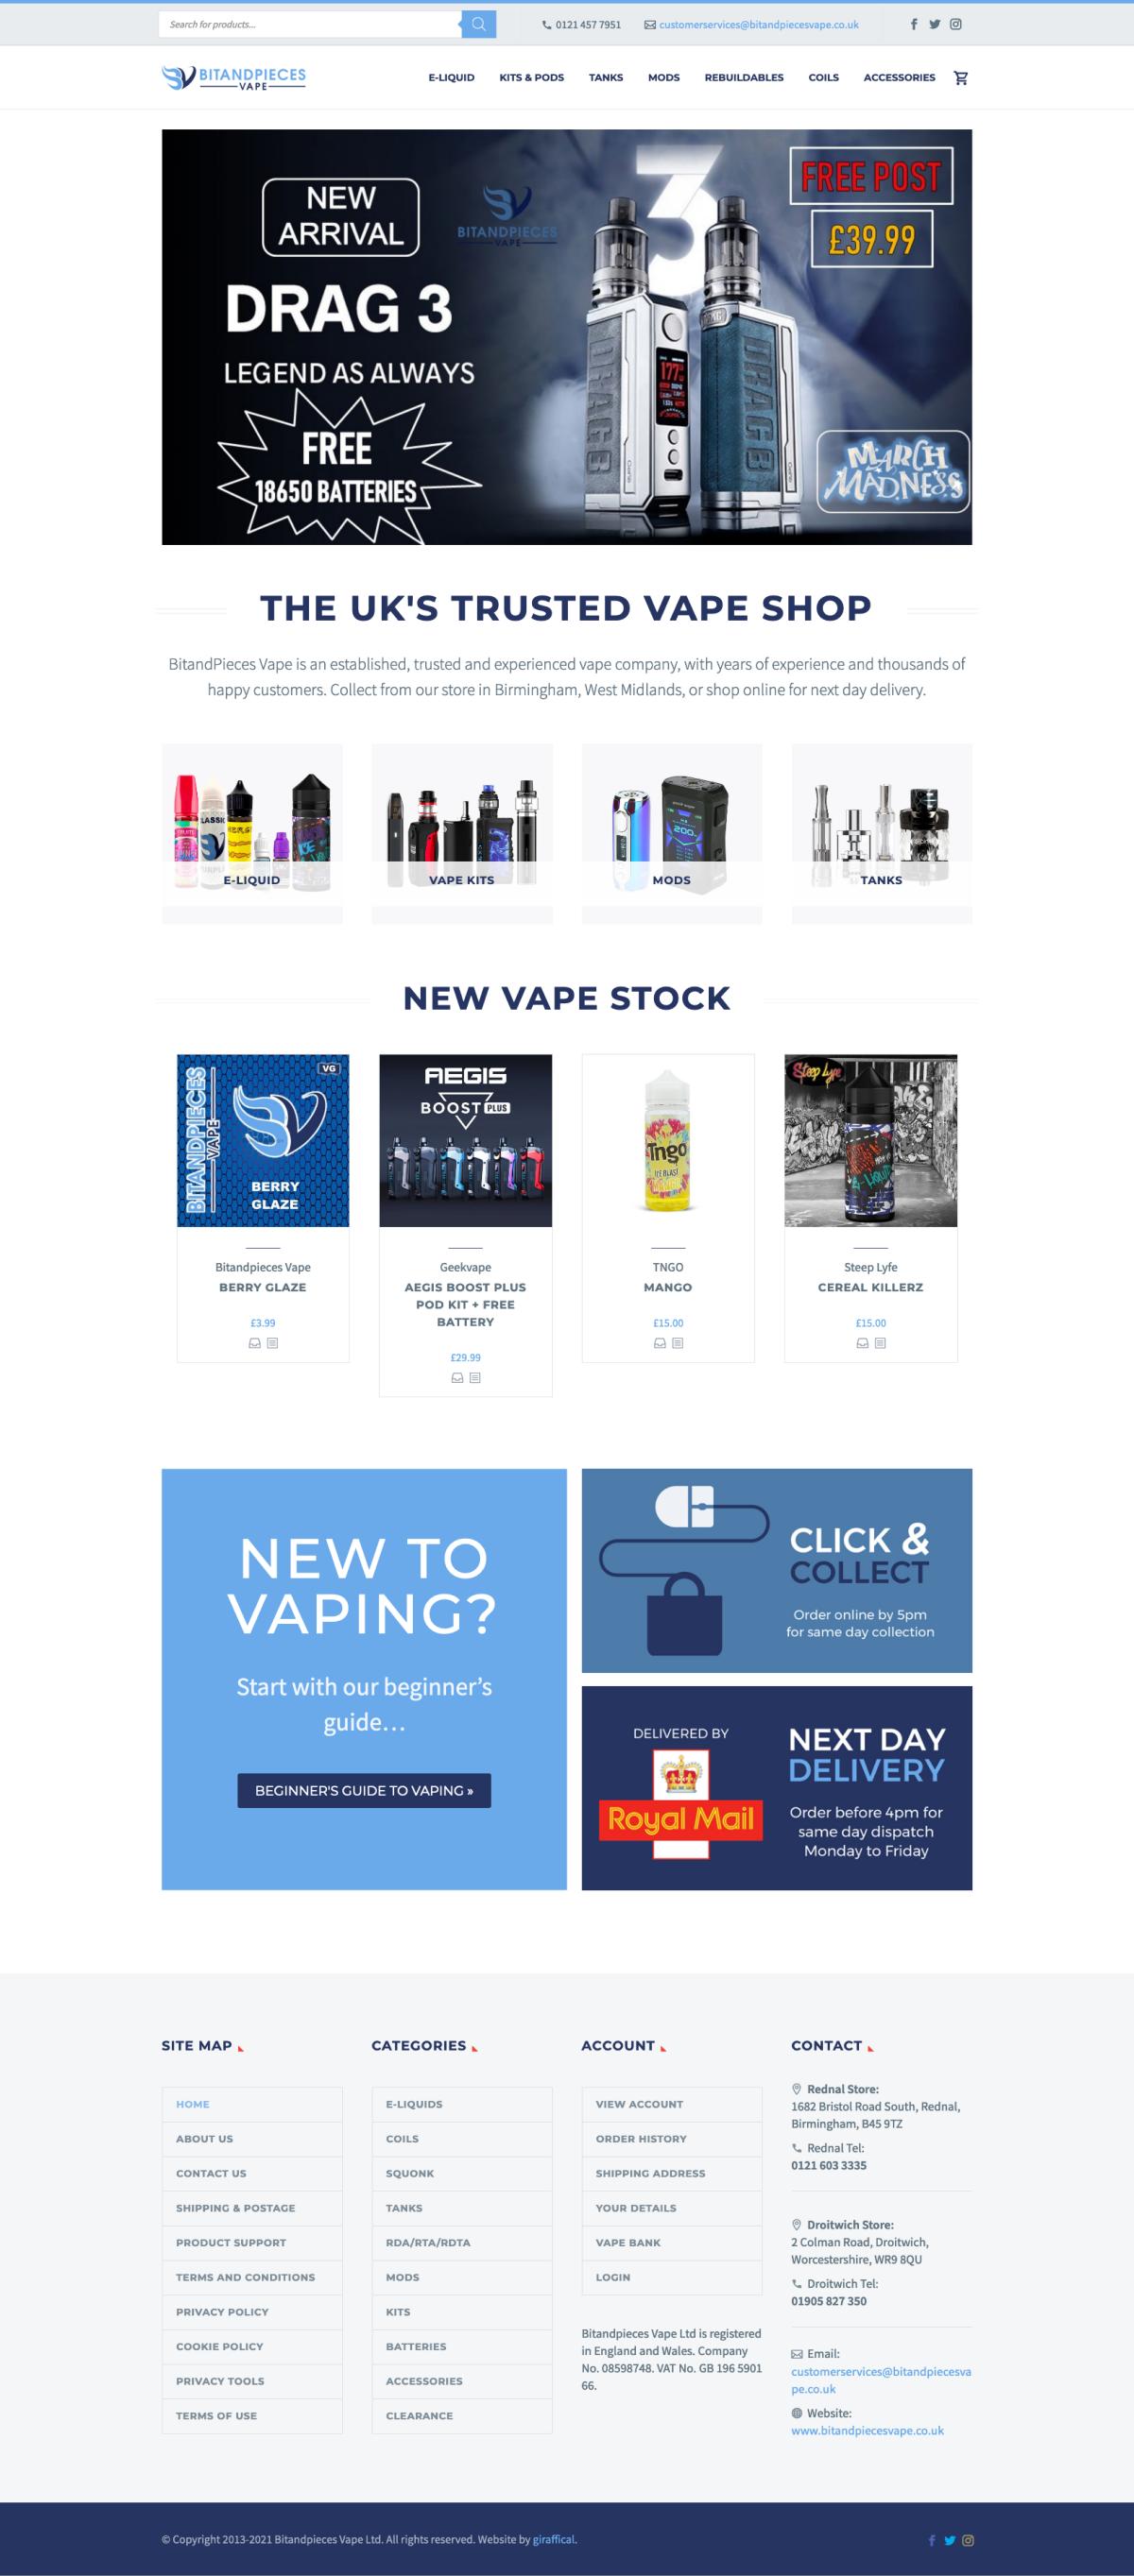 Vape E-Commerce Website Design - BitandPieces Home Page